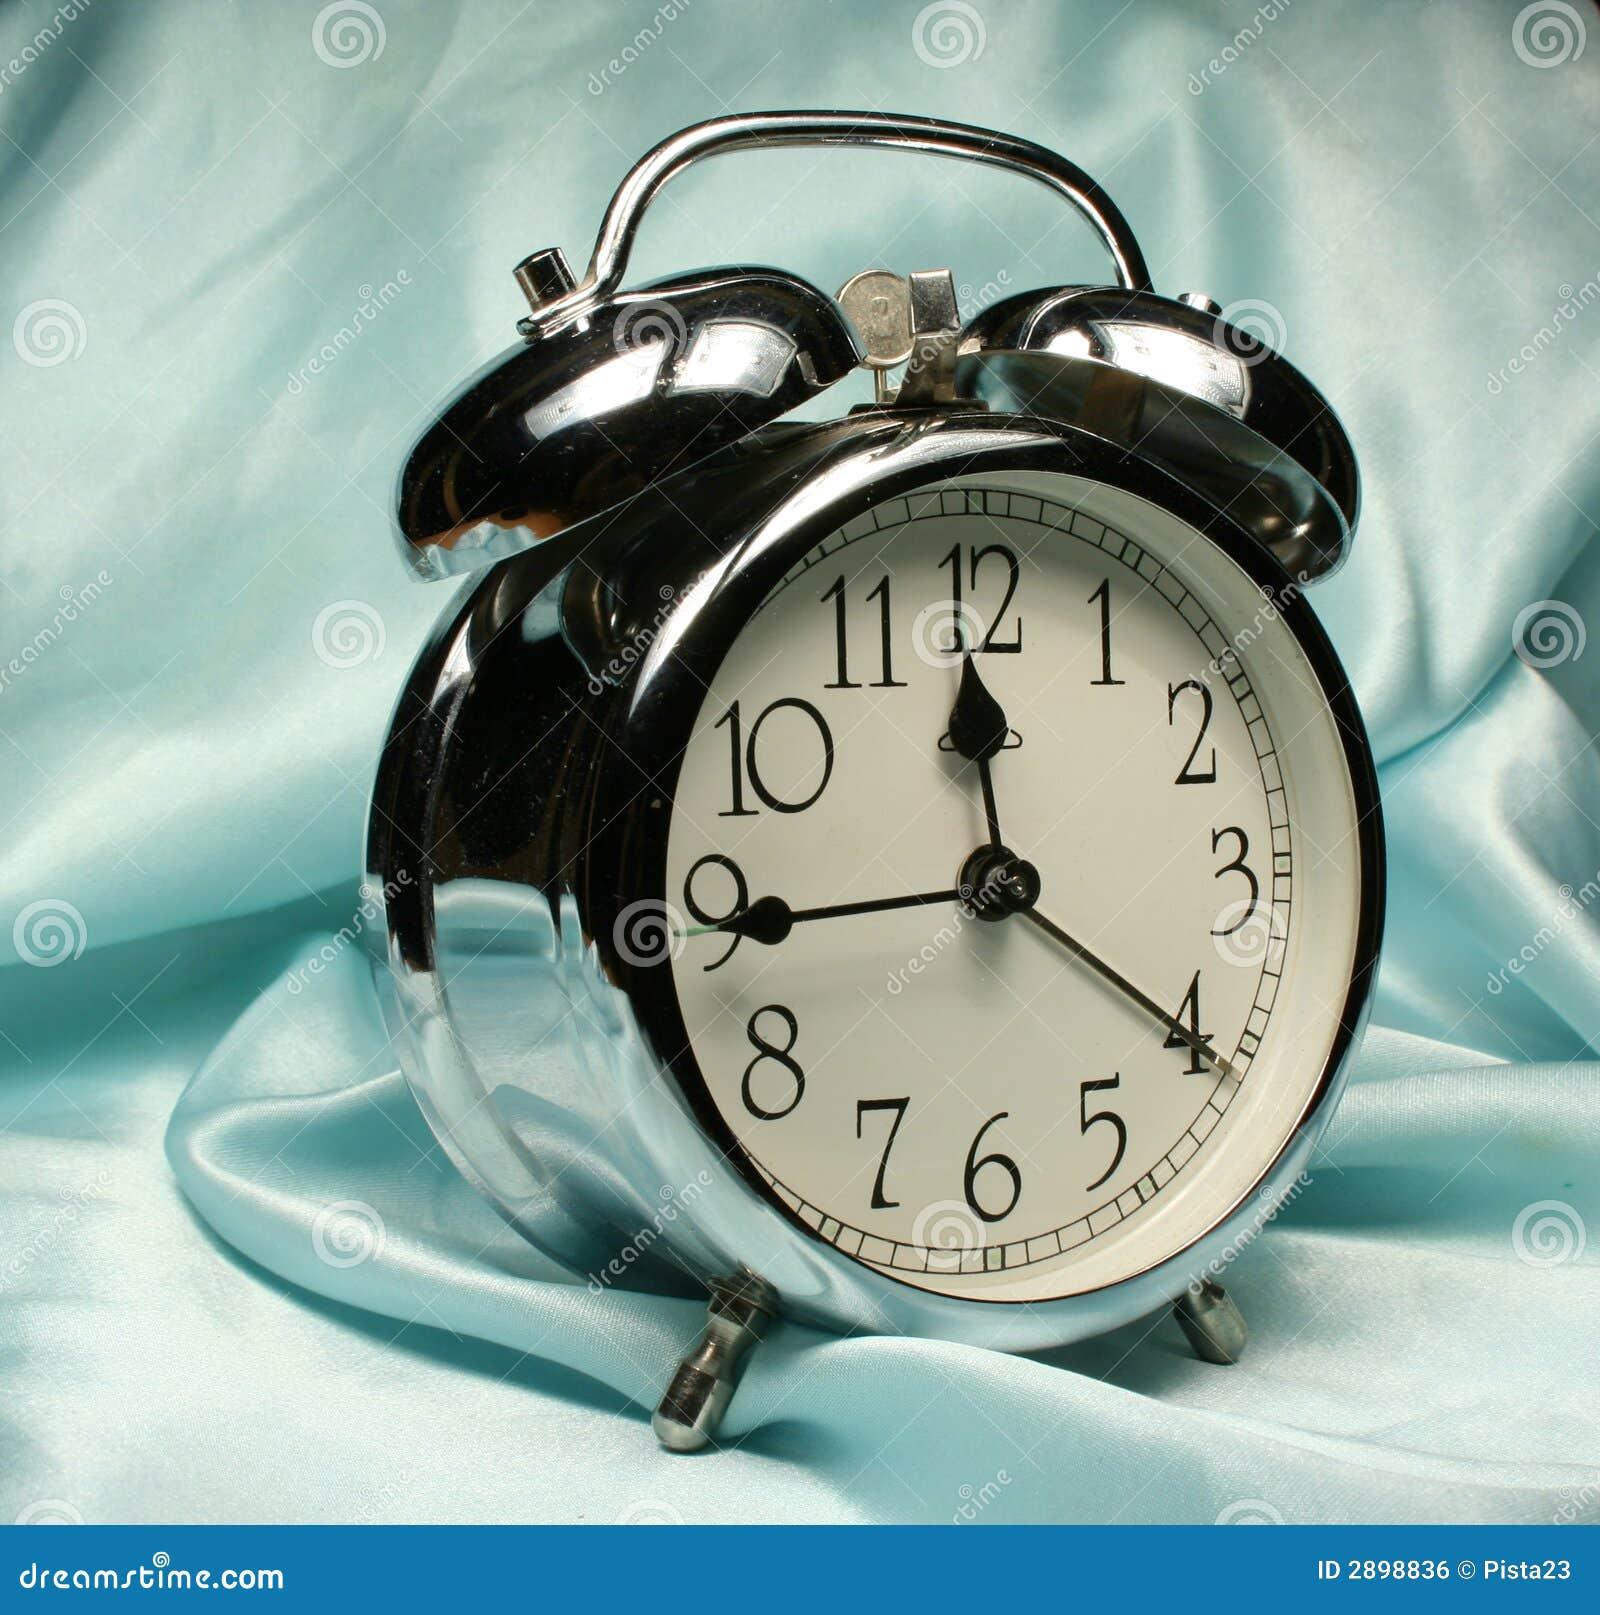 Reloj de alarma en fondo azul